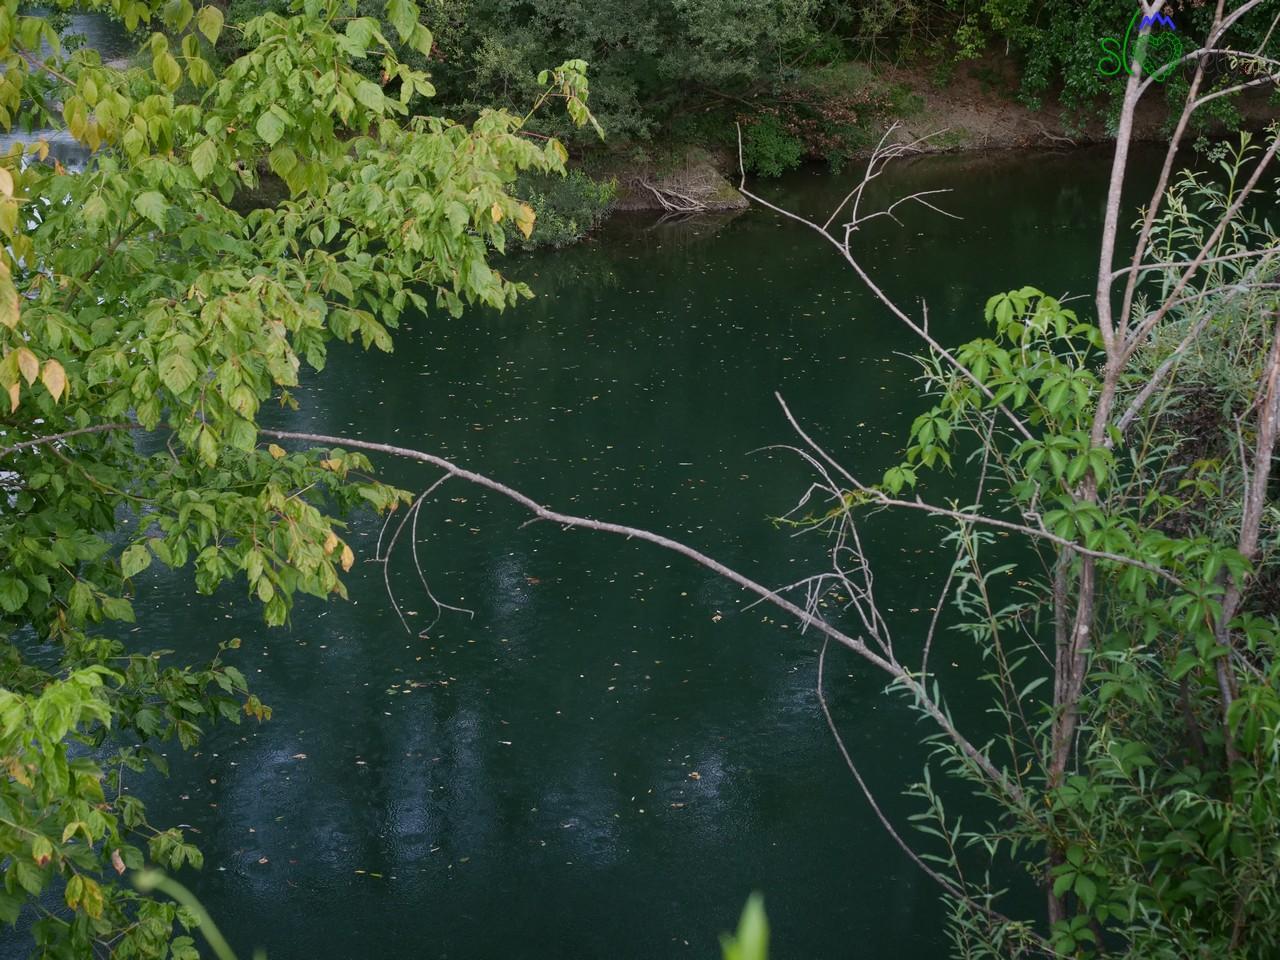 La natura incontaminata del fiume Vipacco/Vipava